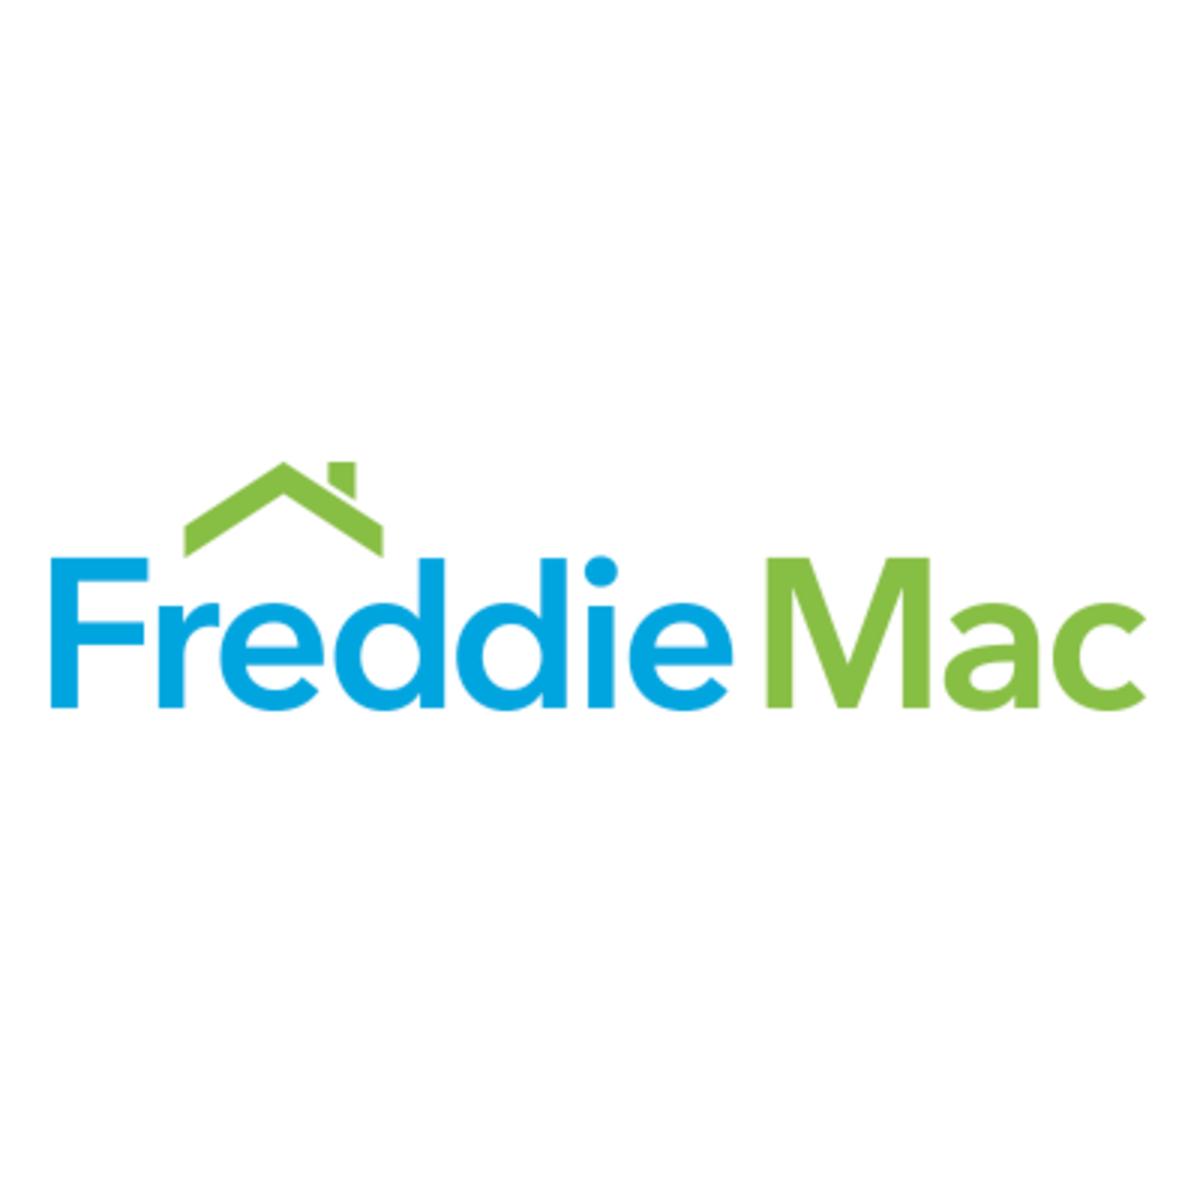 房地美(Freddie Mac)